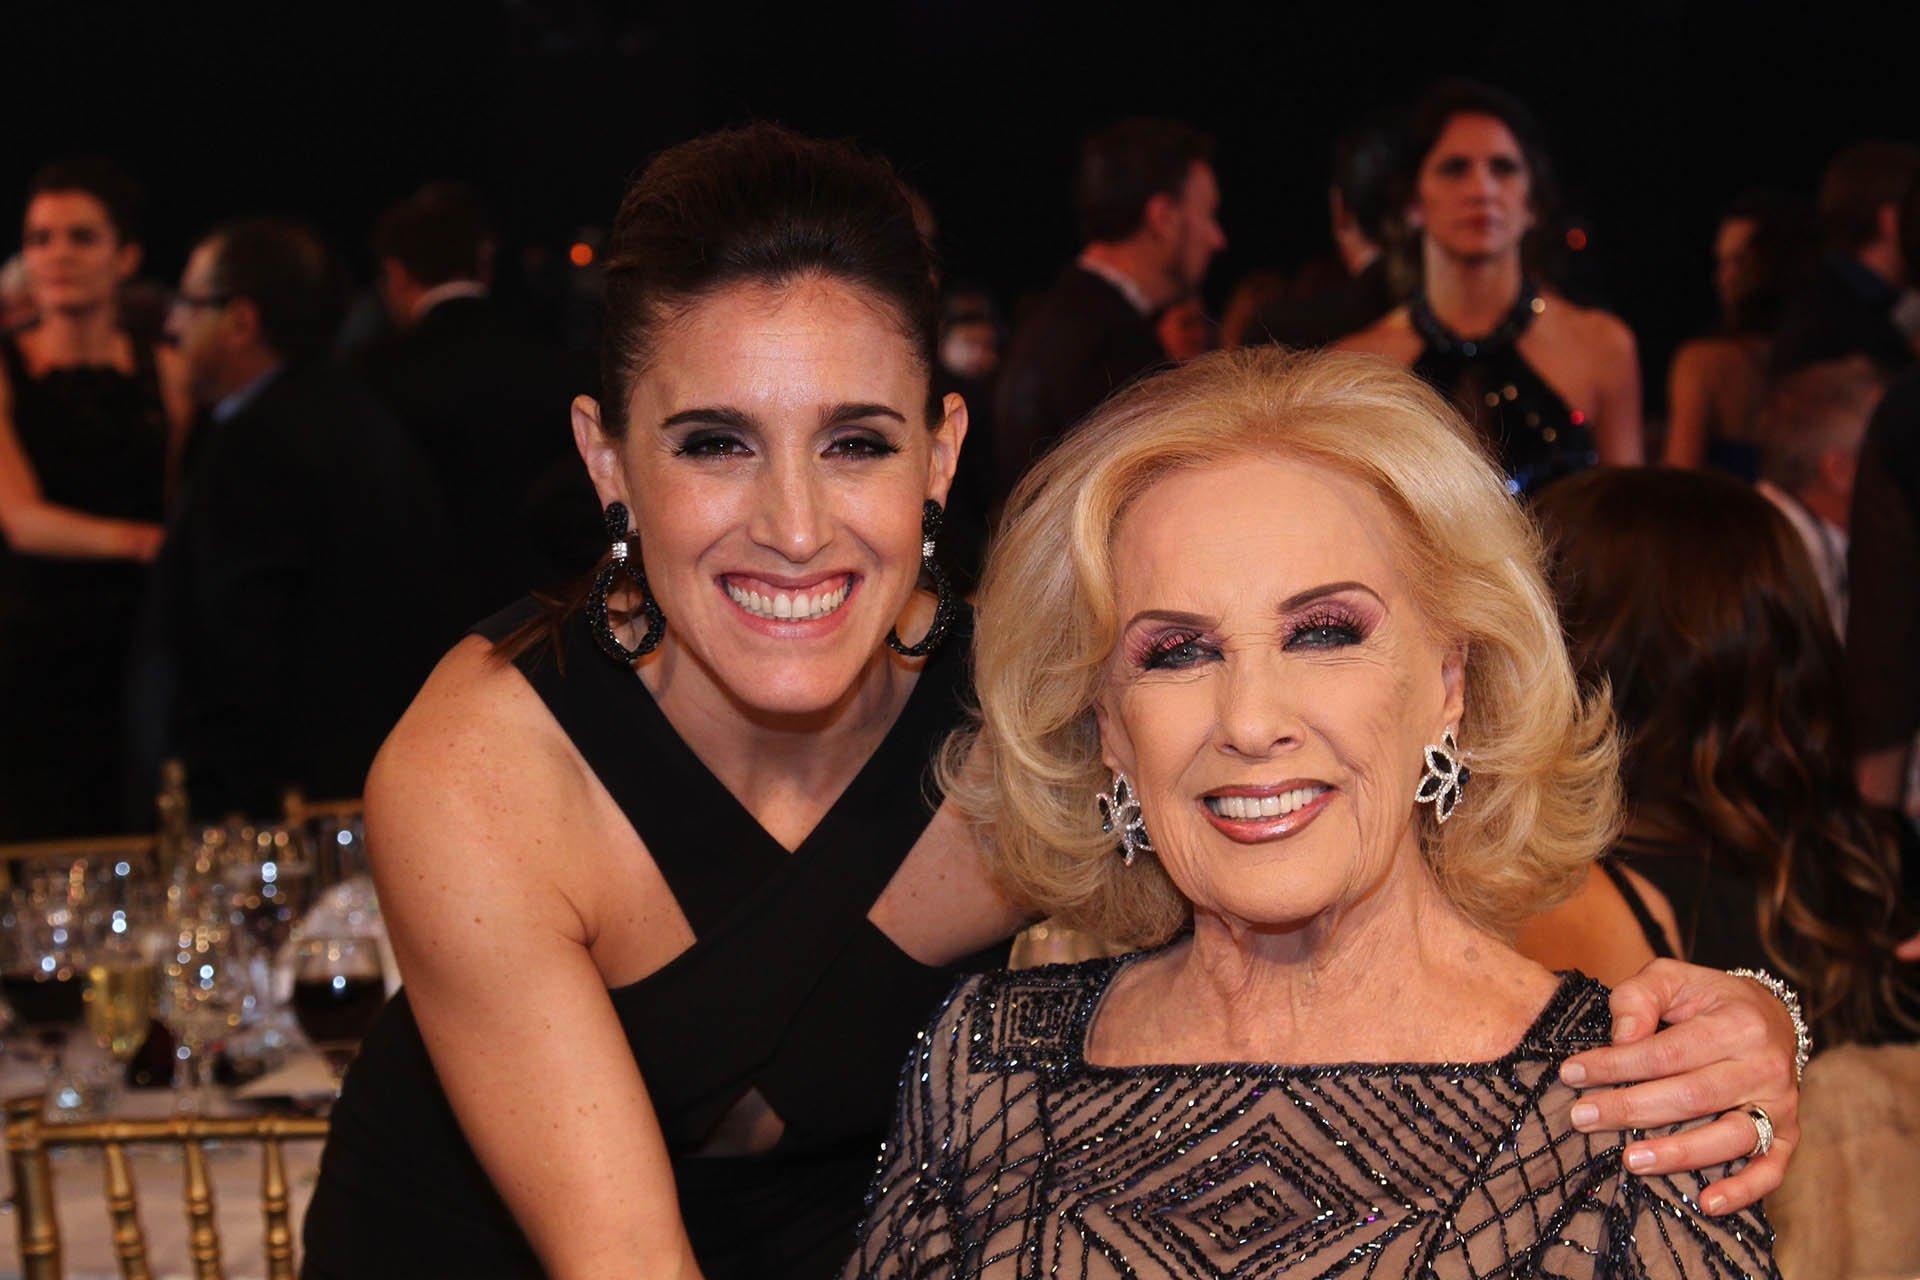 La cantante Soledad Pastorutti se sacó una foto con Mirtha Legrand, como siempre, de las divas más requeridas de la noche de los Martín Fierro.